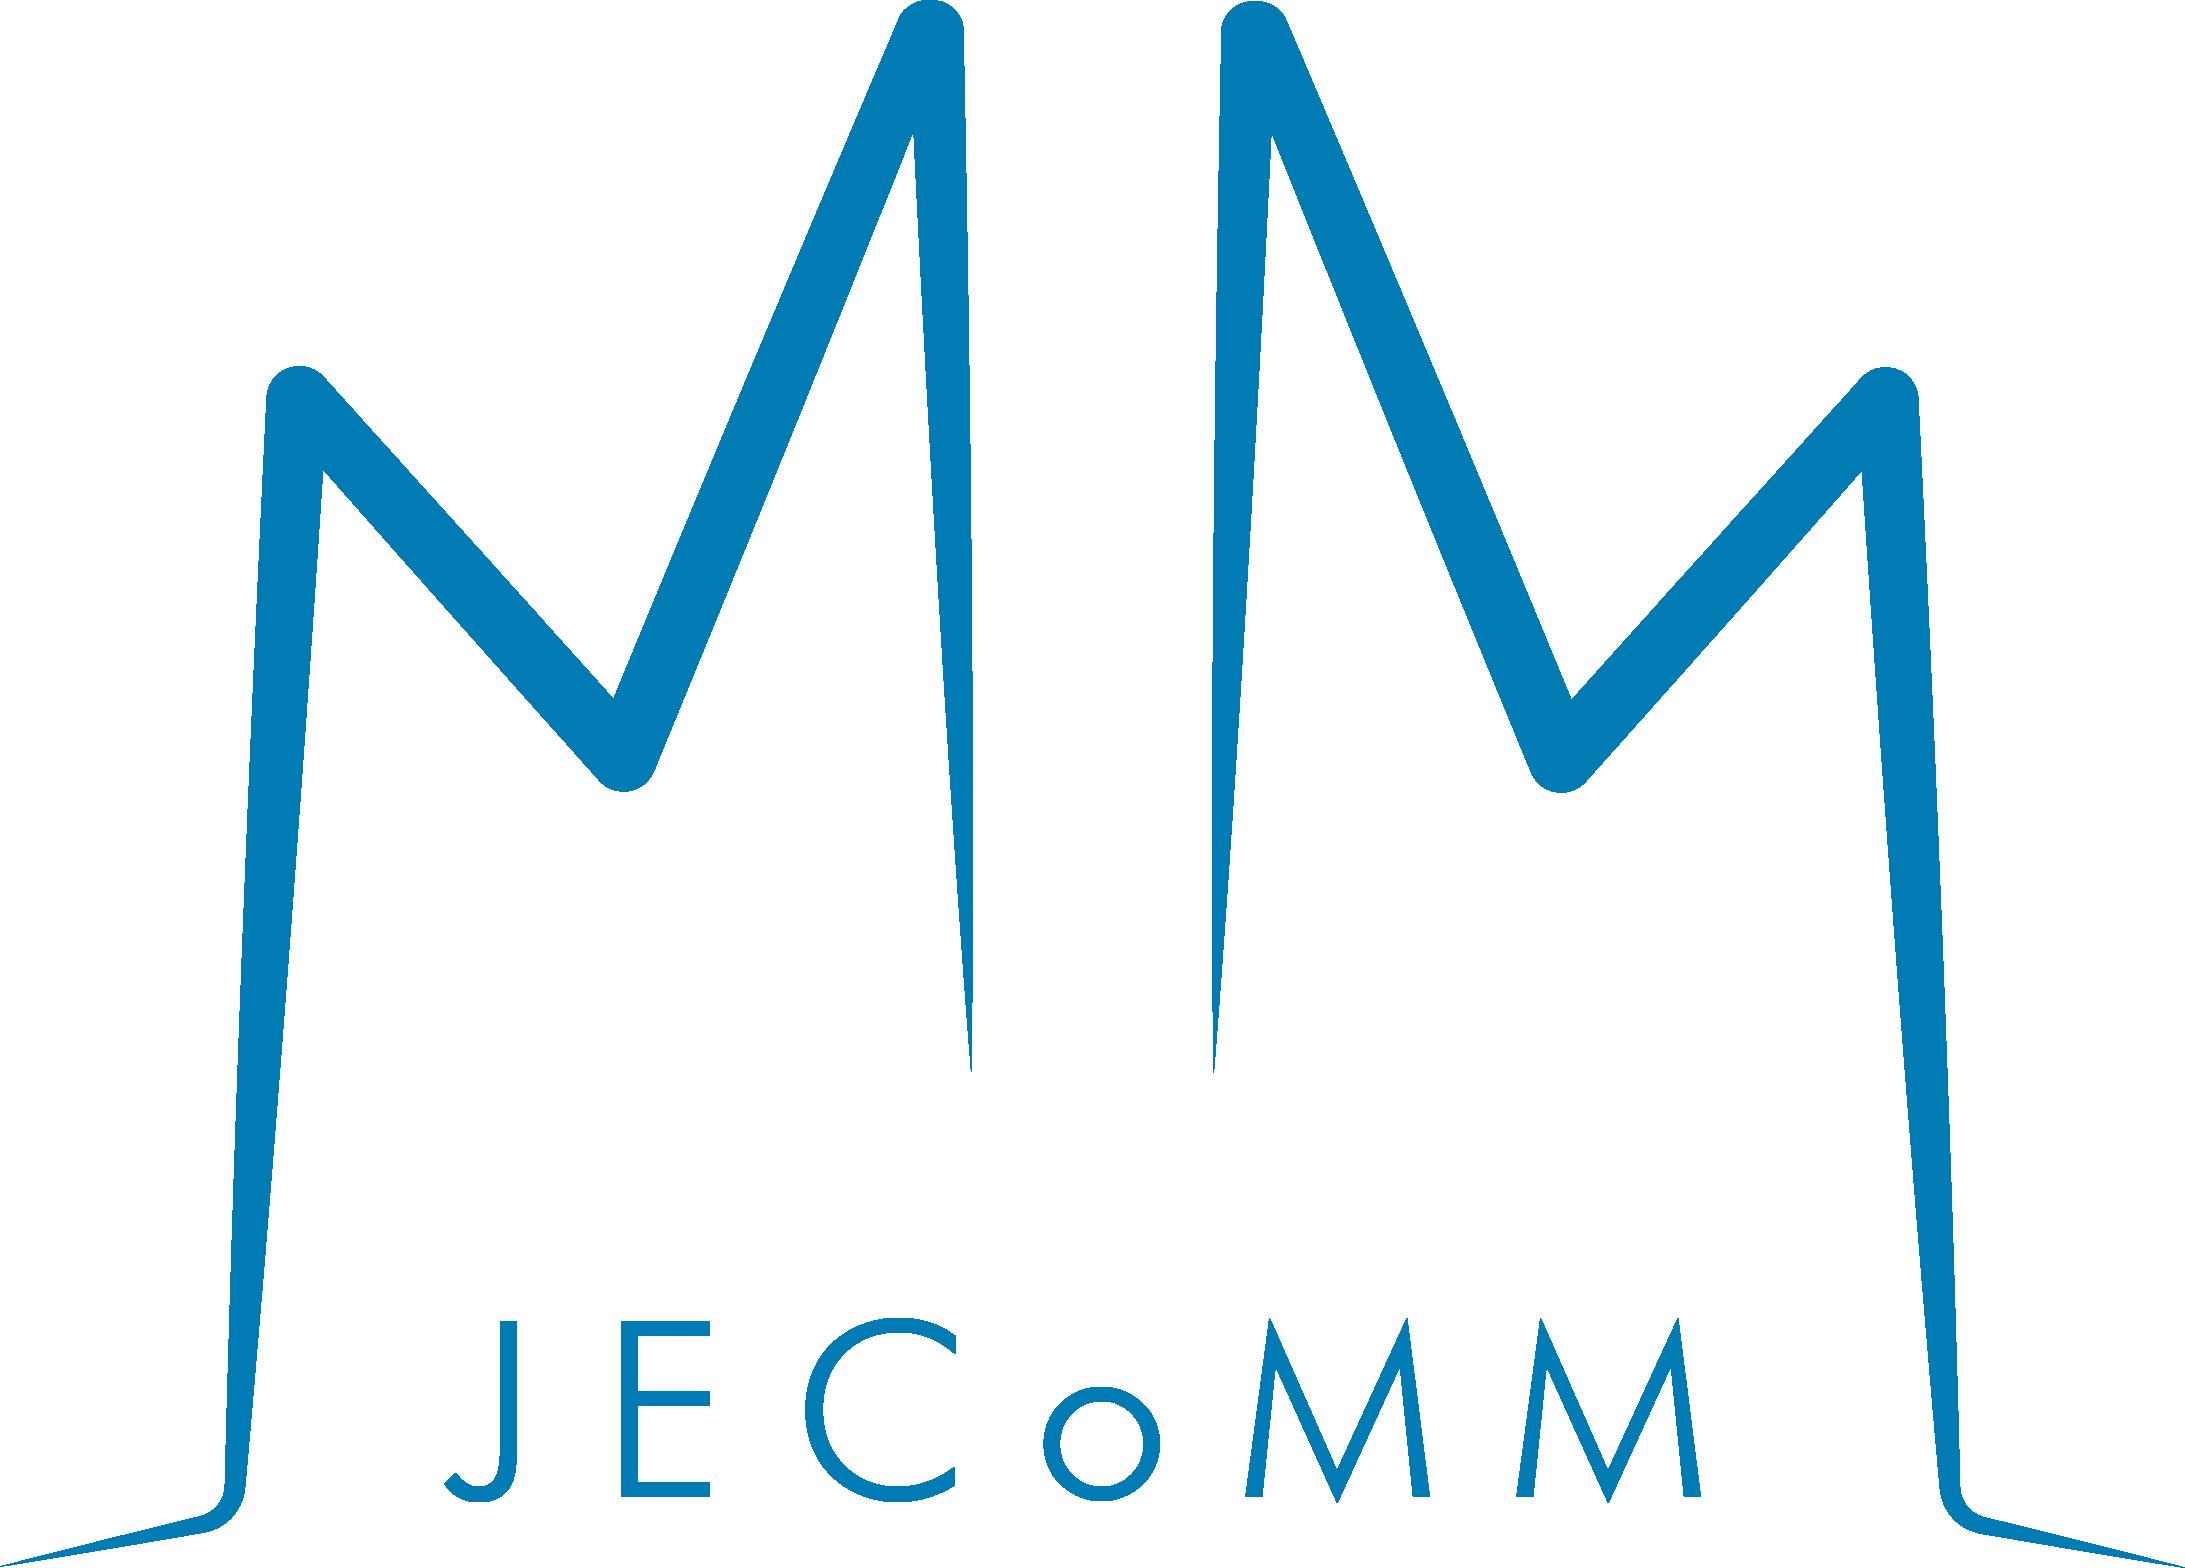 JECoMM